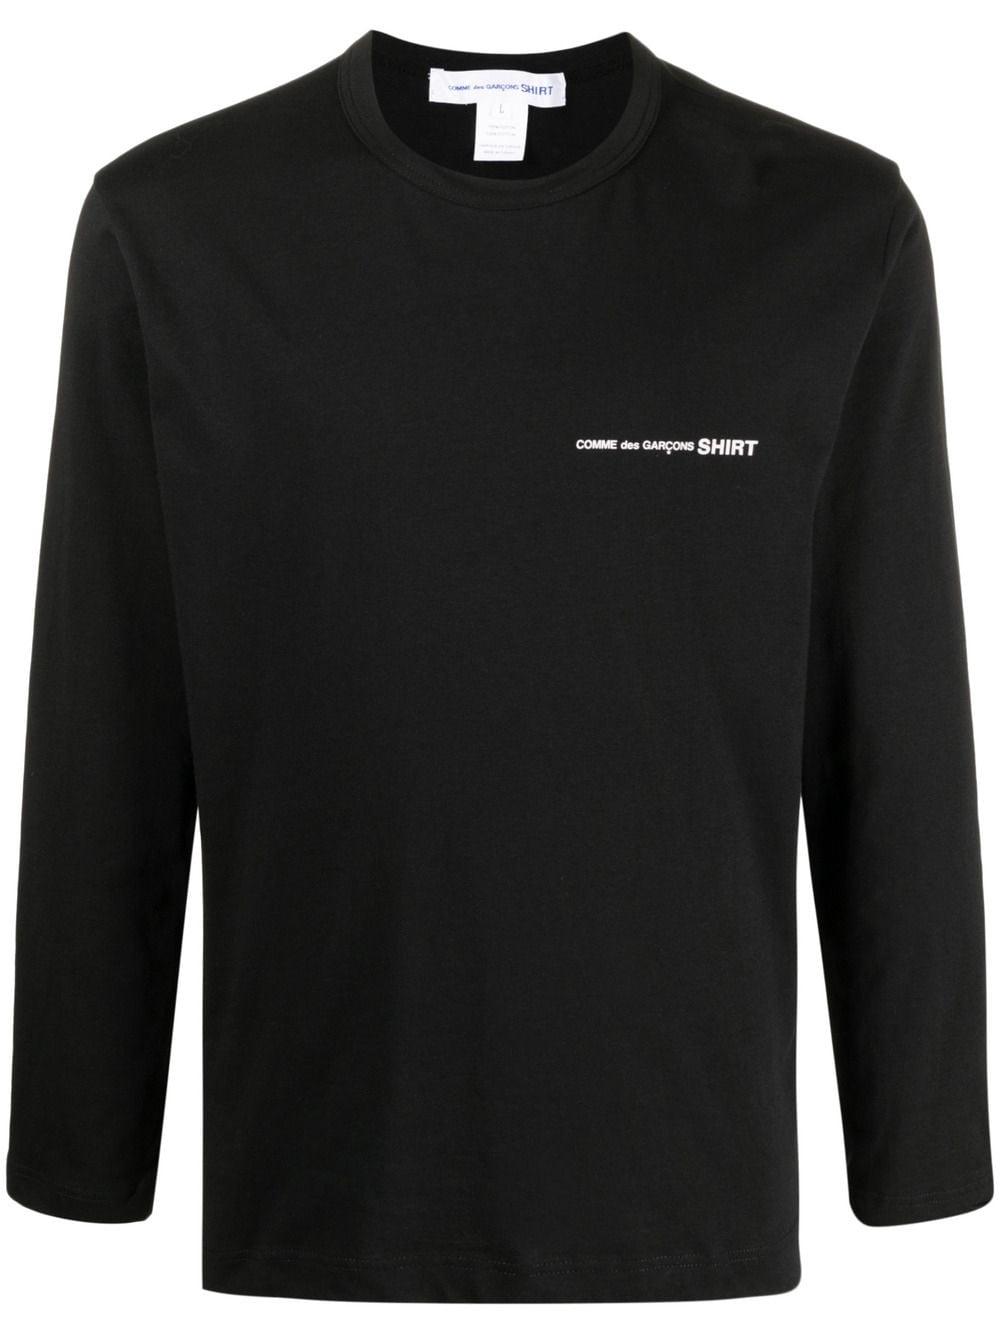 Comme des garçons t-shirt manica lunga uomo COMME DES GARÇONS SHIRT | T-shirt | FG-T017BLACK